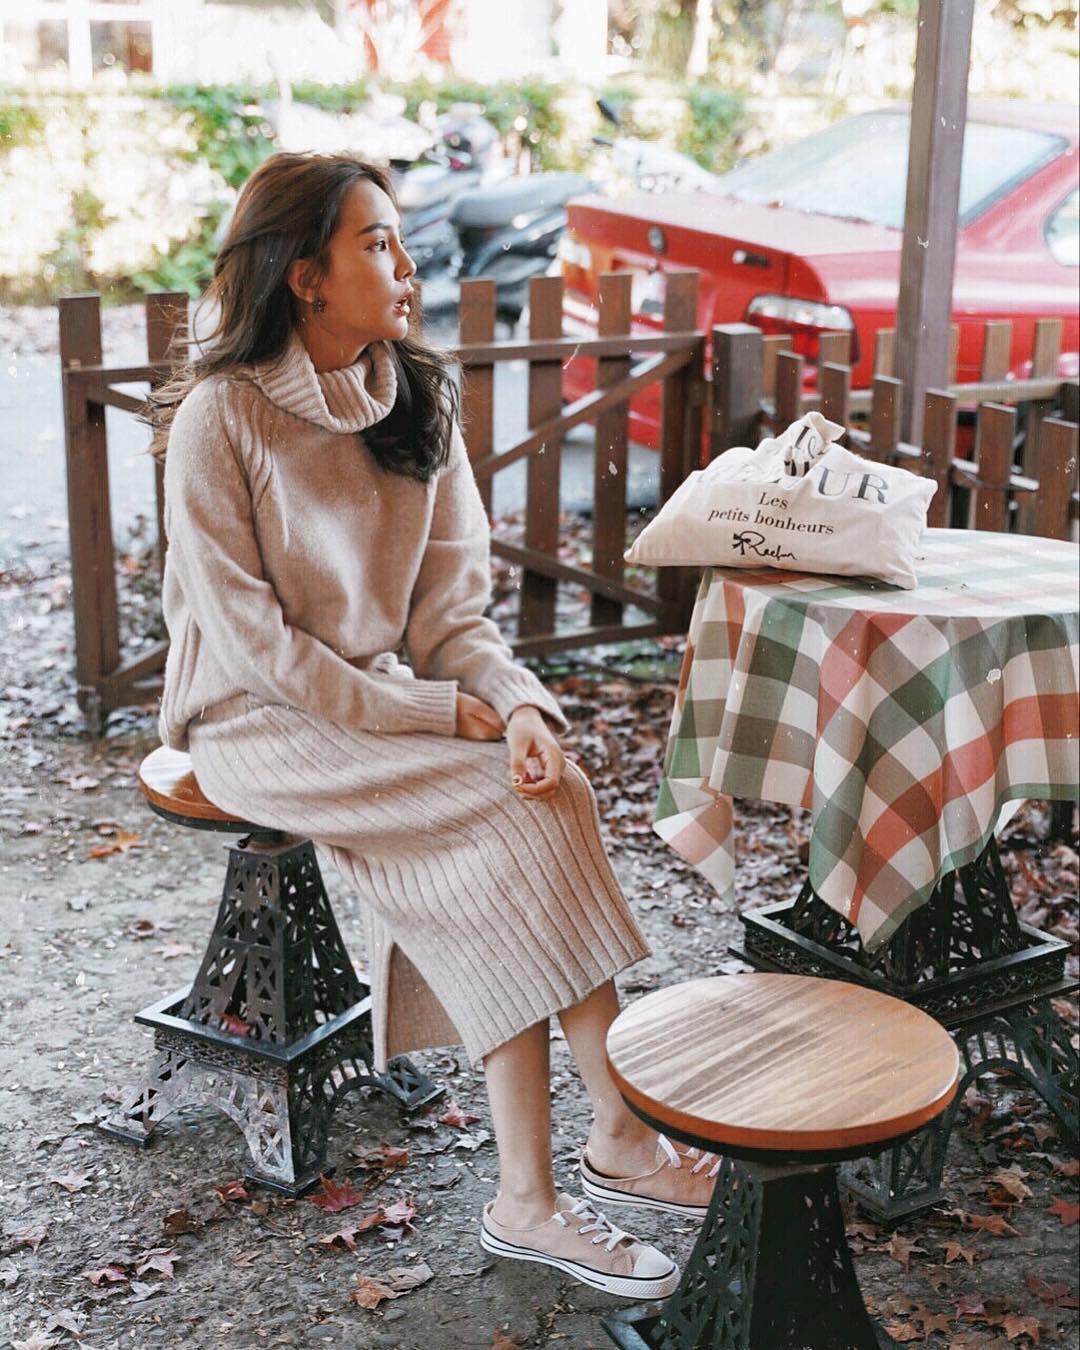 5 bí kíp ăn mặc giúp phụ nữ sở hữu phong cách thời thượng, sang trọng và nổi bật trong dịp Tết - Ảnh 2